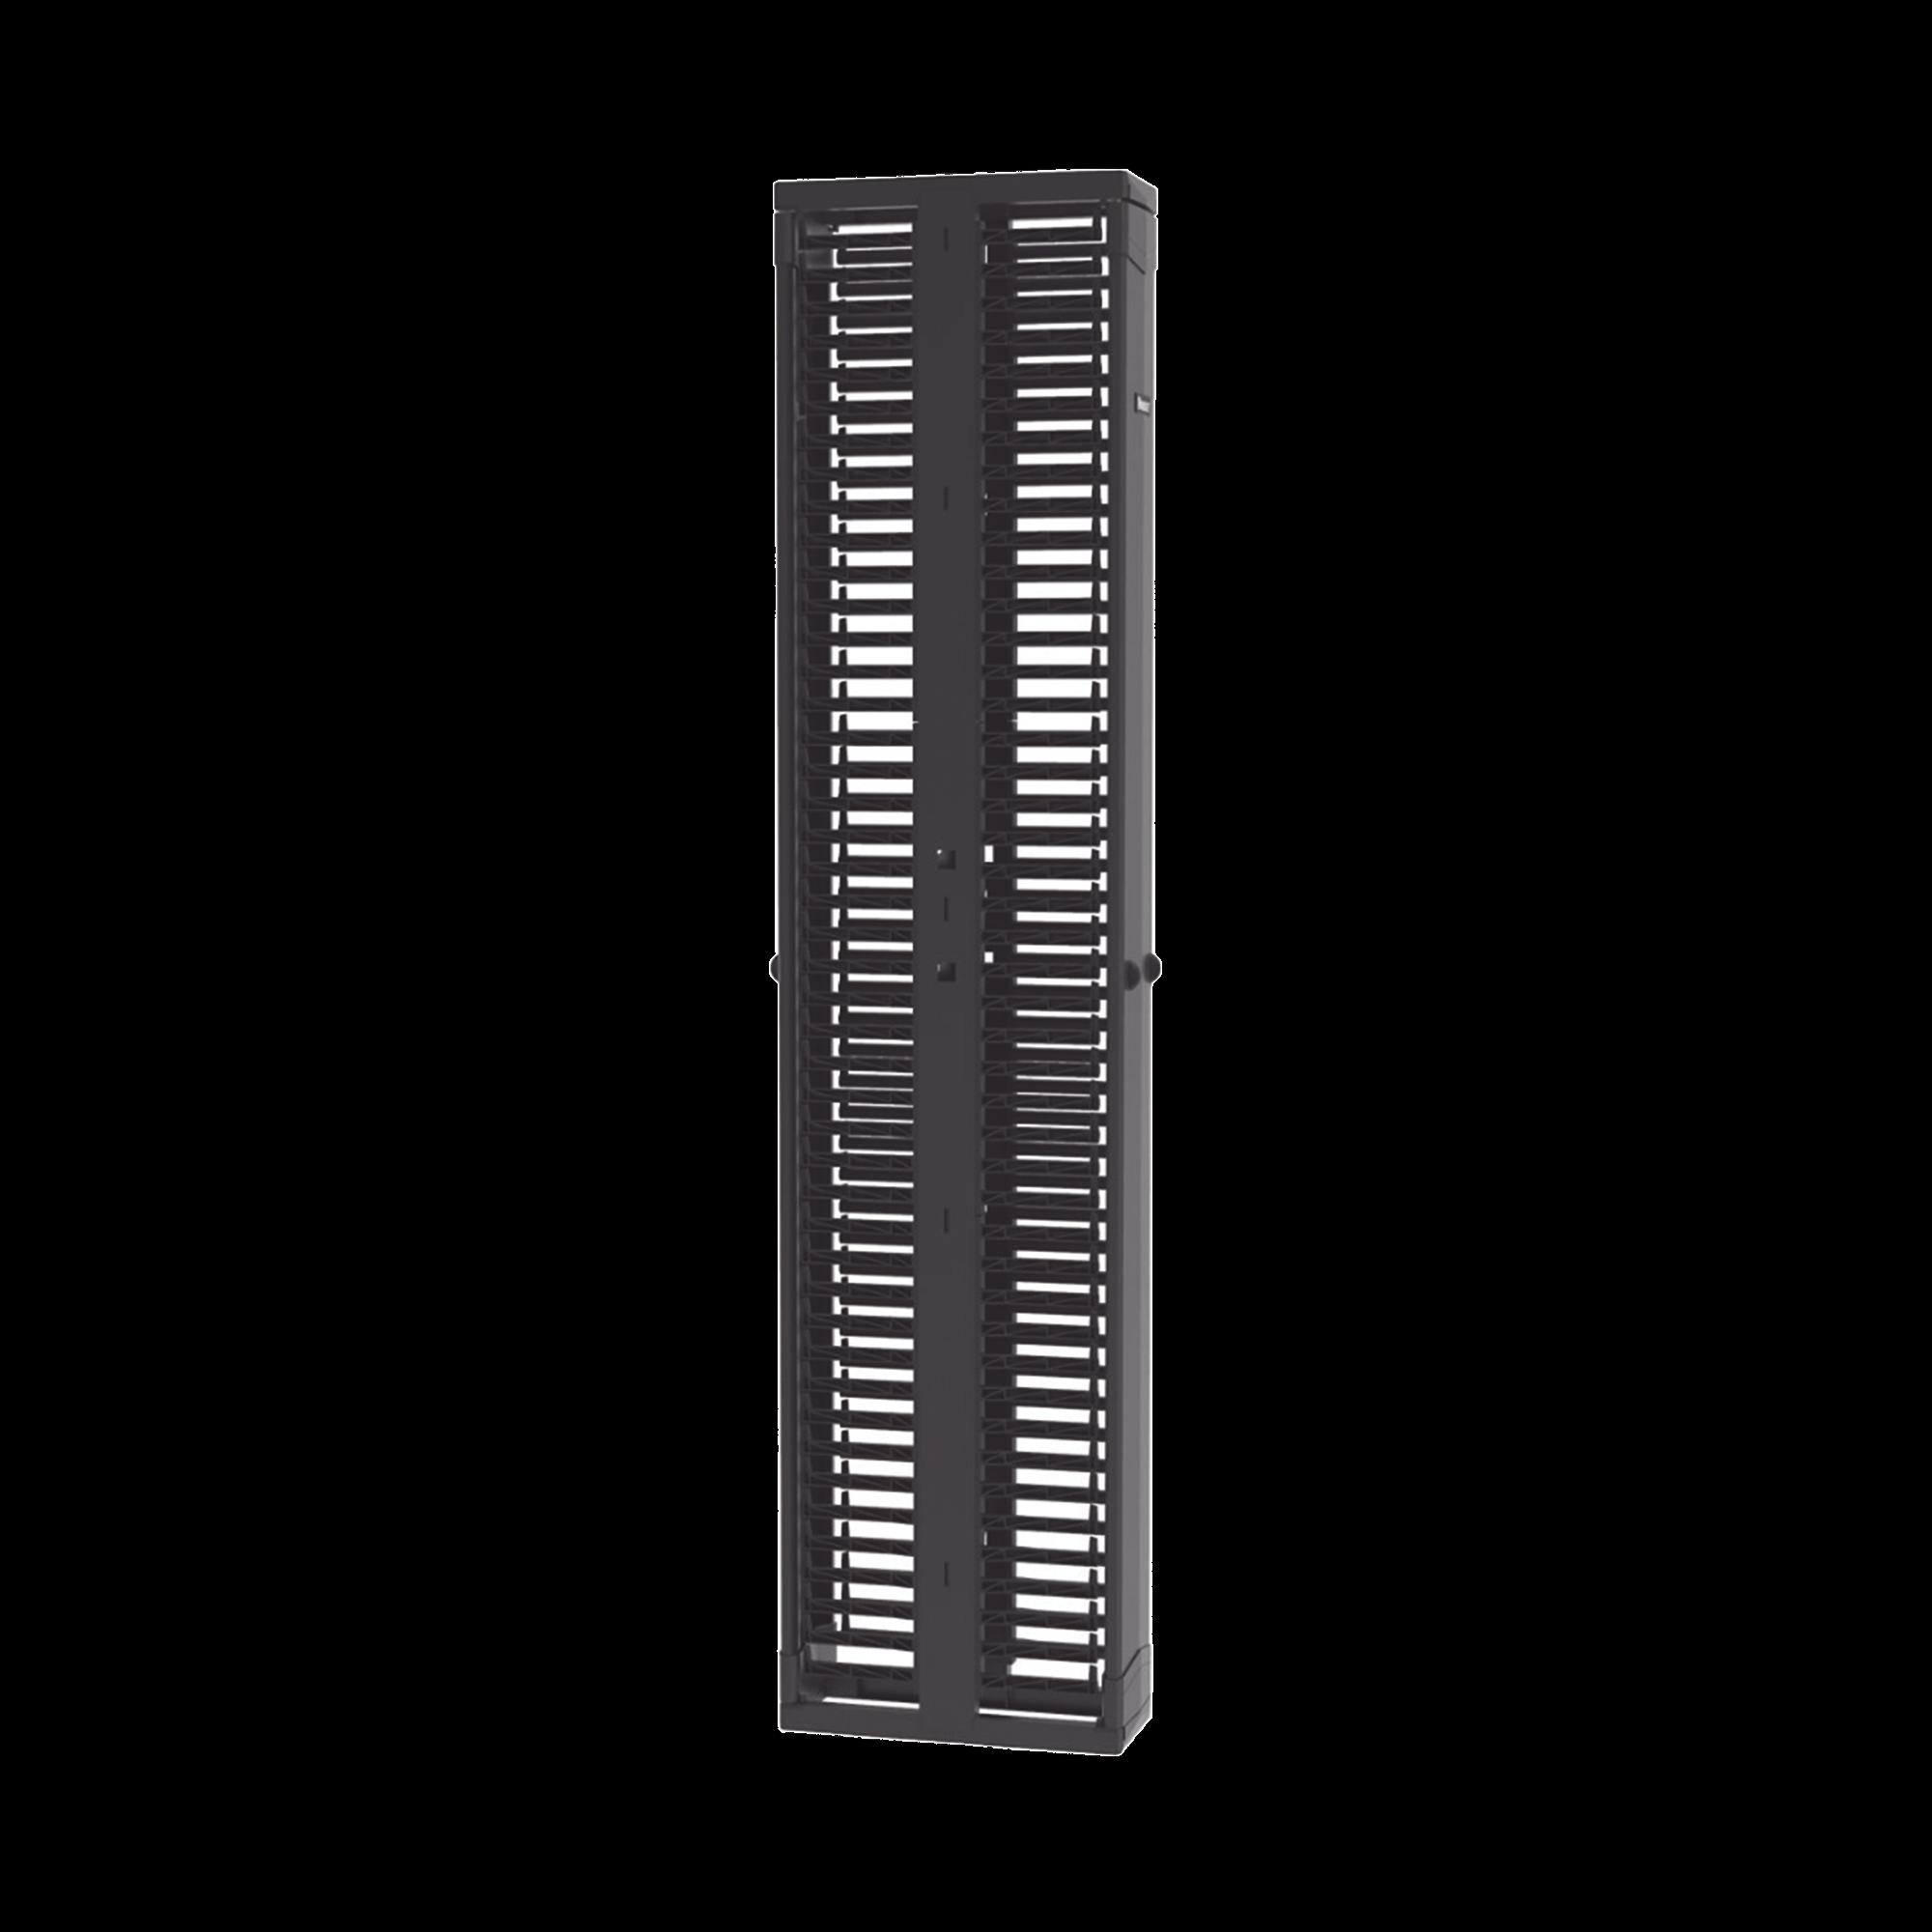 Organizador Vertical Doble PatchRunner?, Para Rack Abierto de 45 Unidades, 8in de Ancho, Color Negro